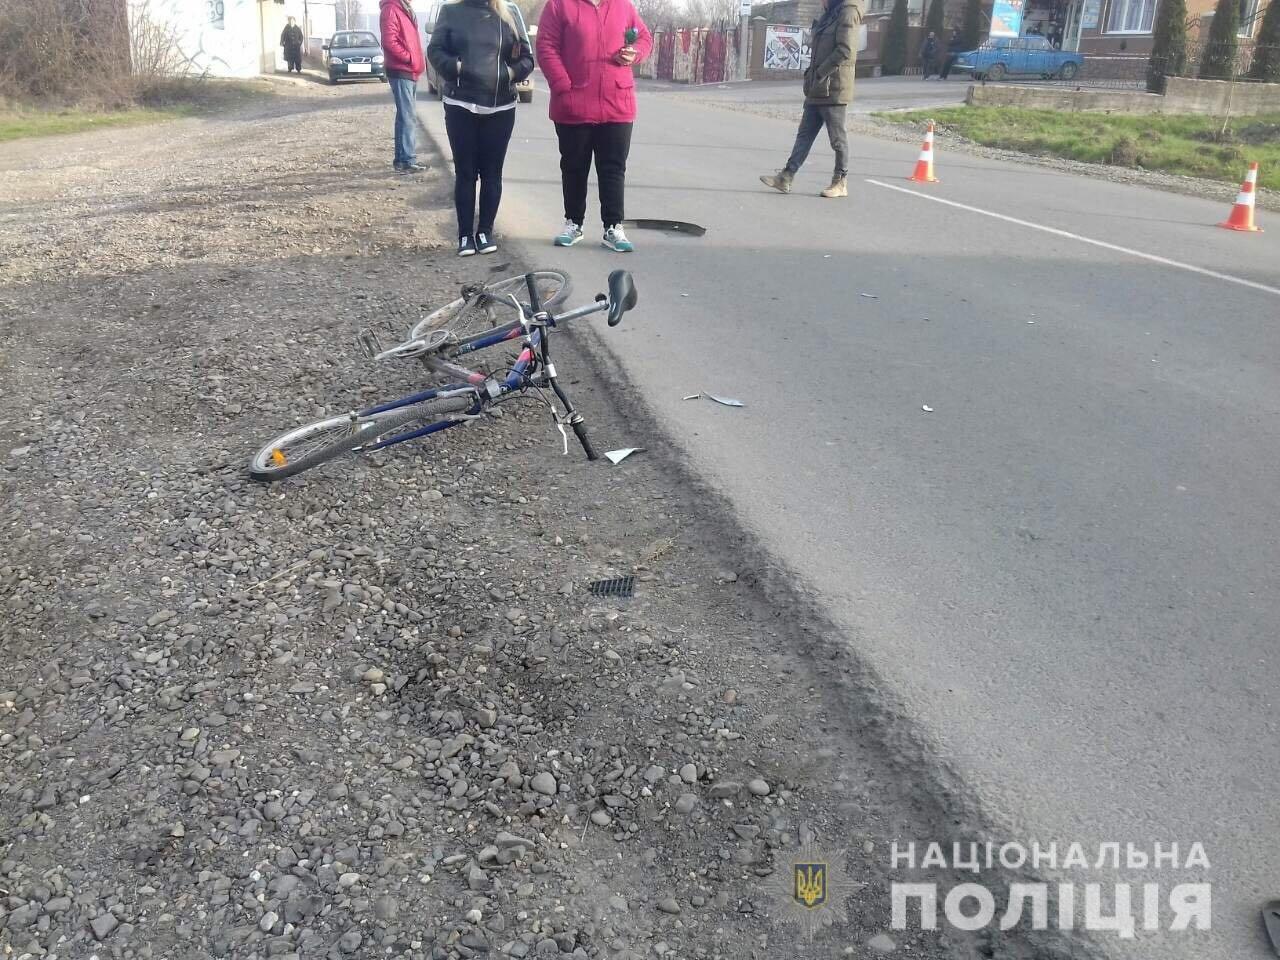 ДТП на Закарпатті: мотоцикл збив 15-річного велосипедиста. Юнак у лікарні (ФОТО), фото-2